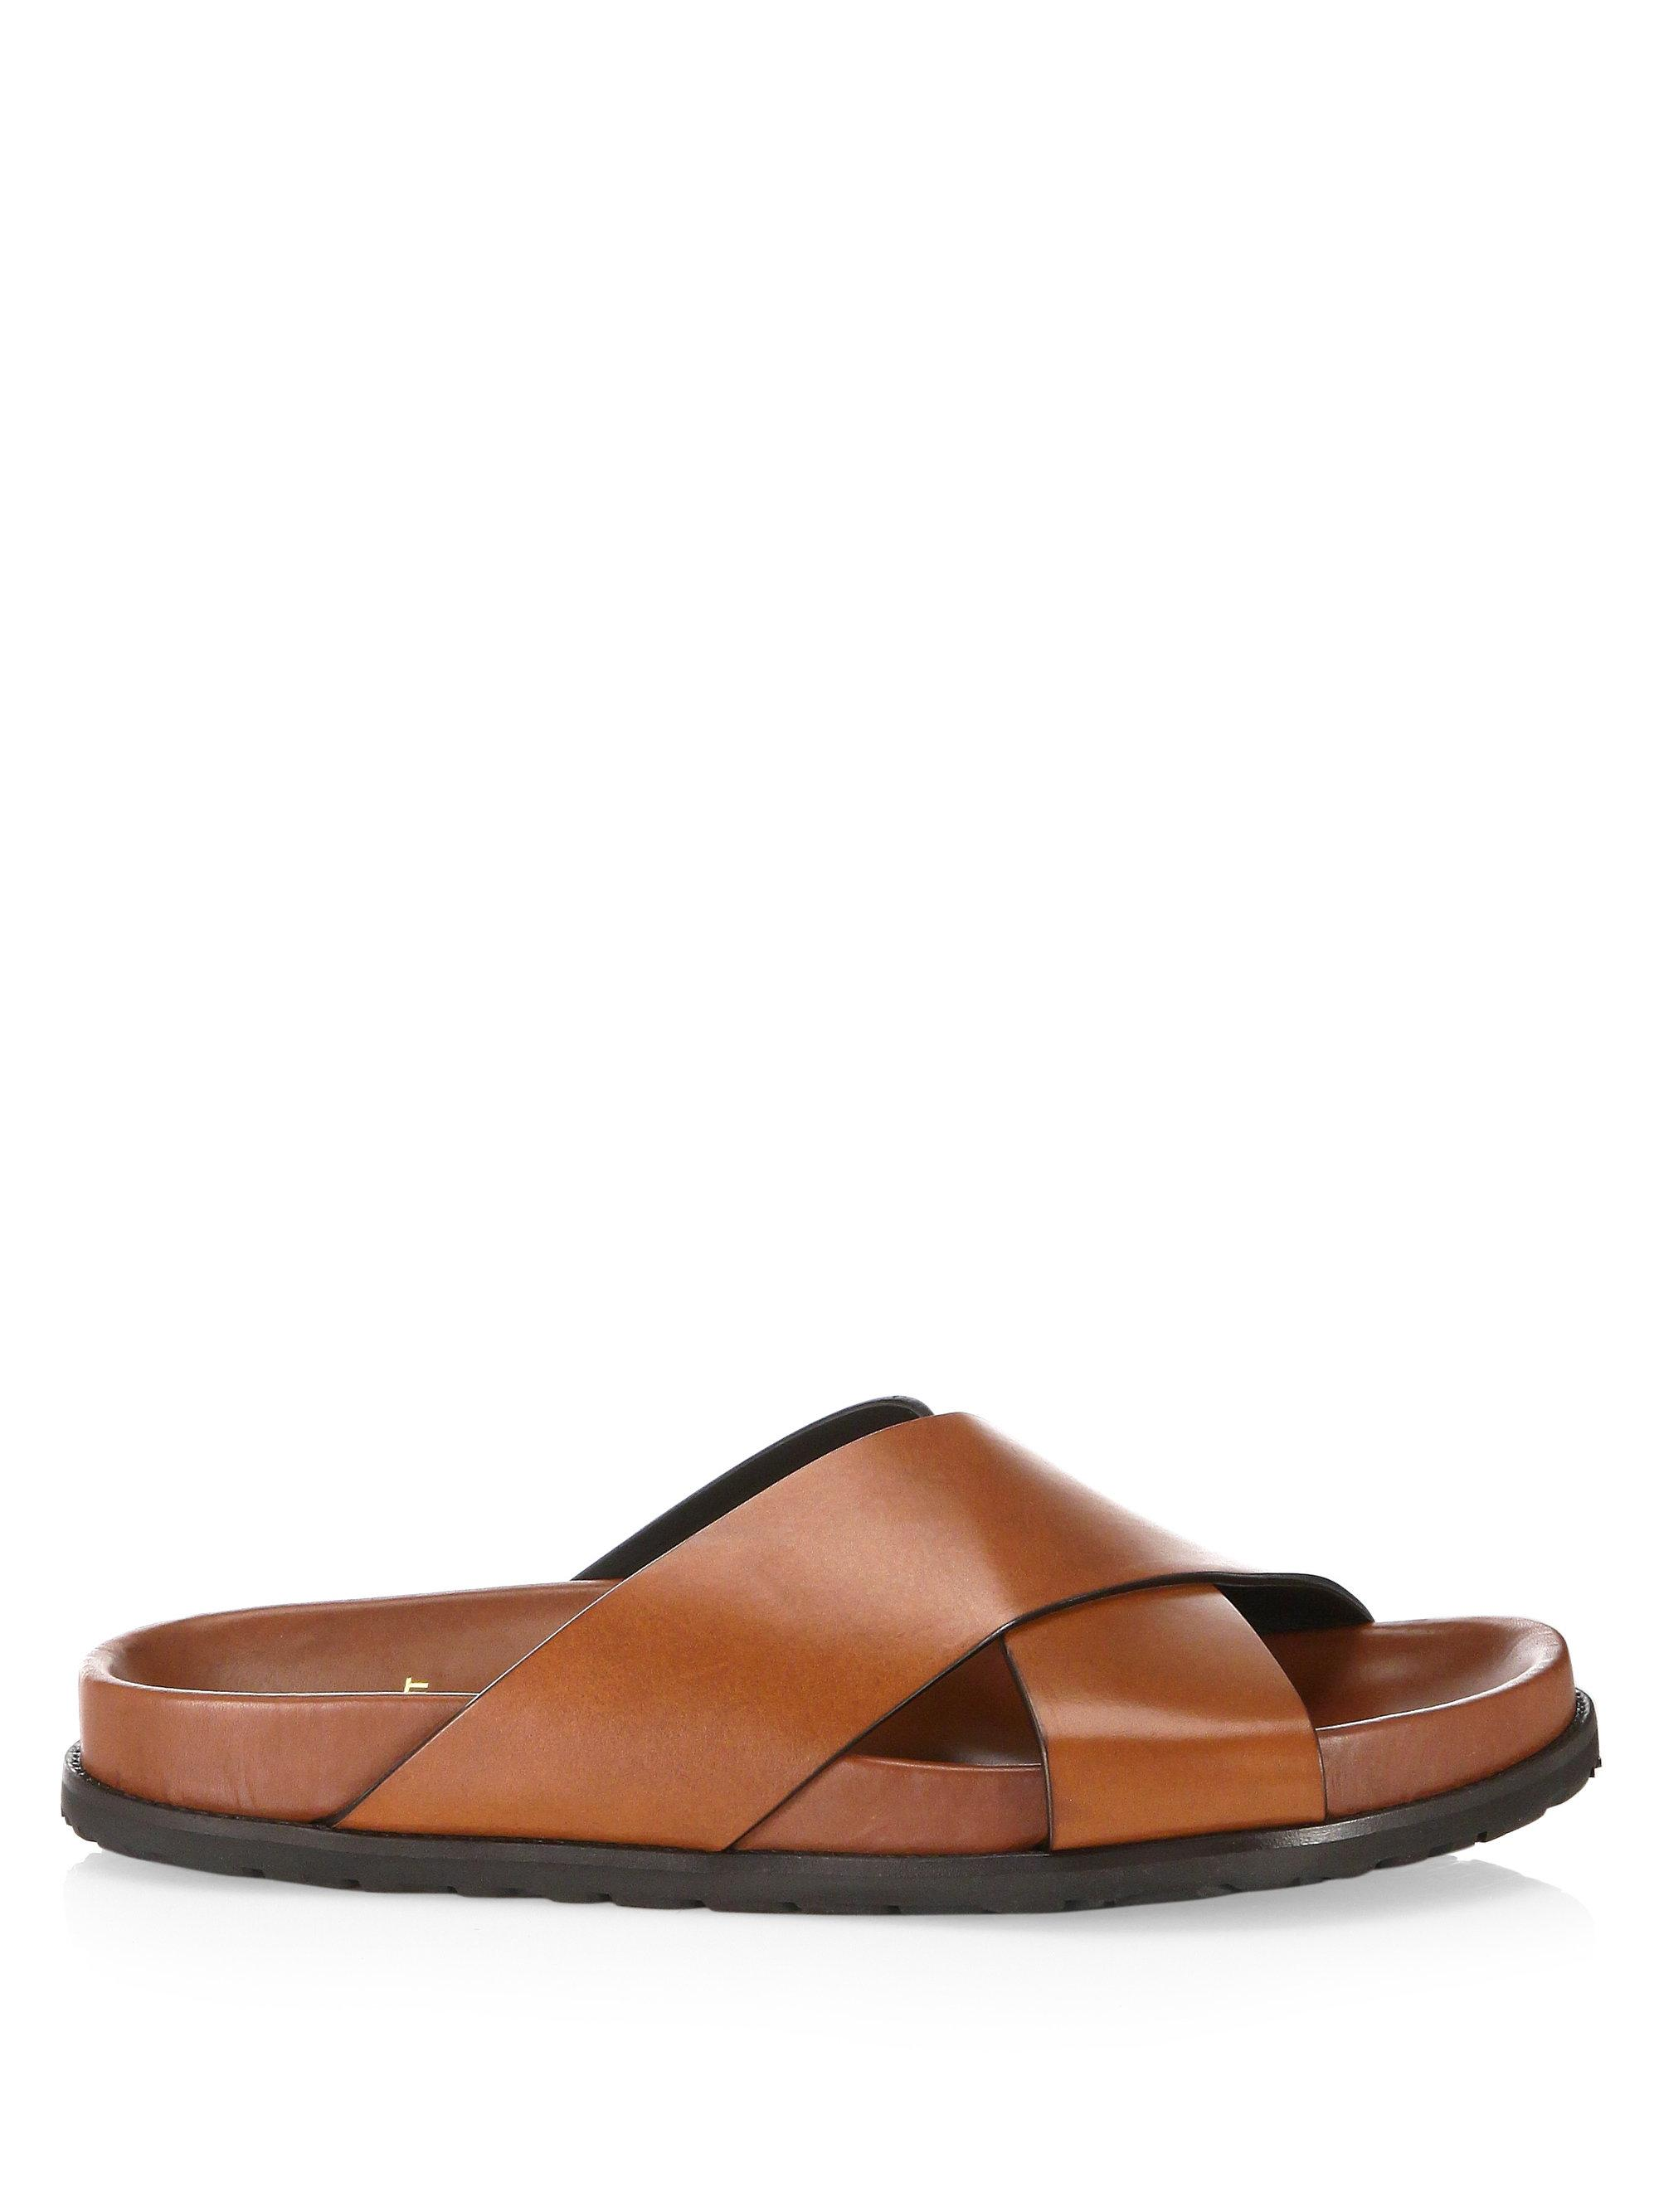 Saint Laurent Jimmy Crisscross Leather Flat Sandals